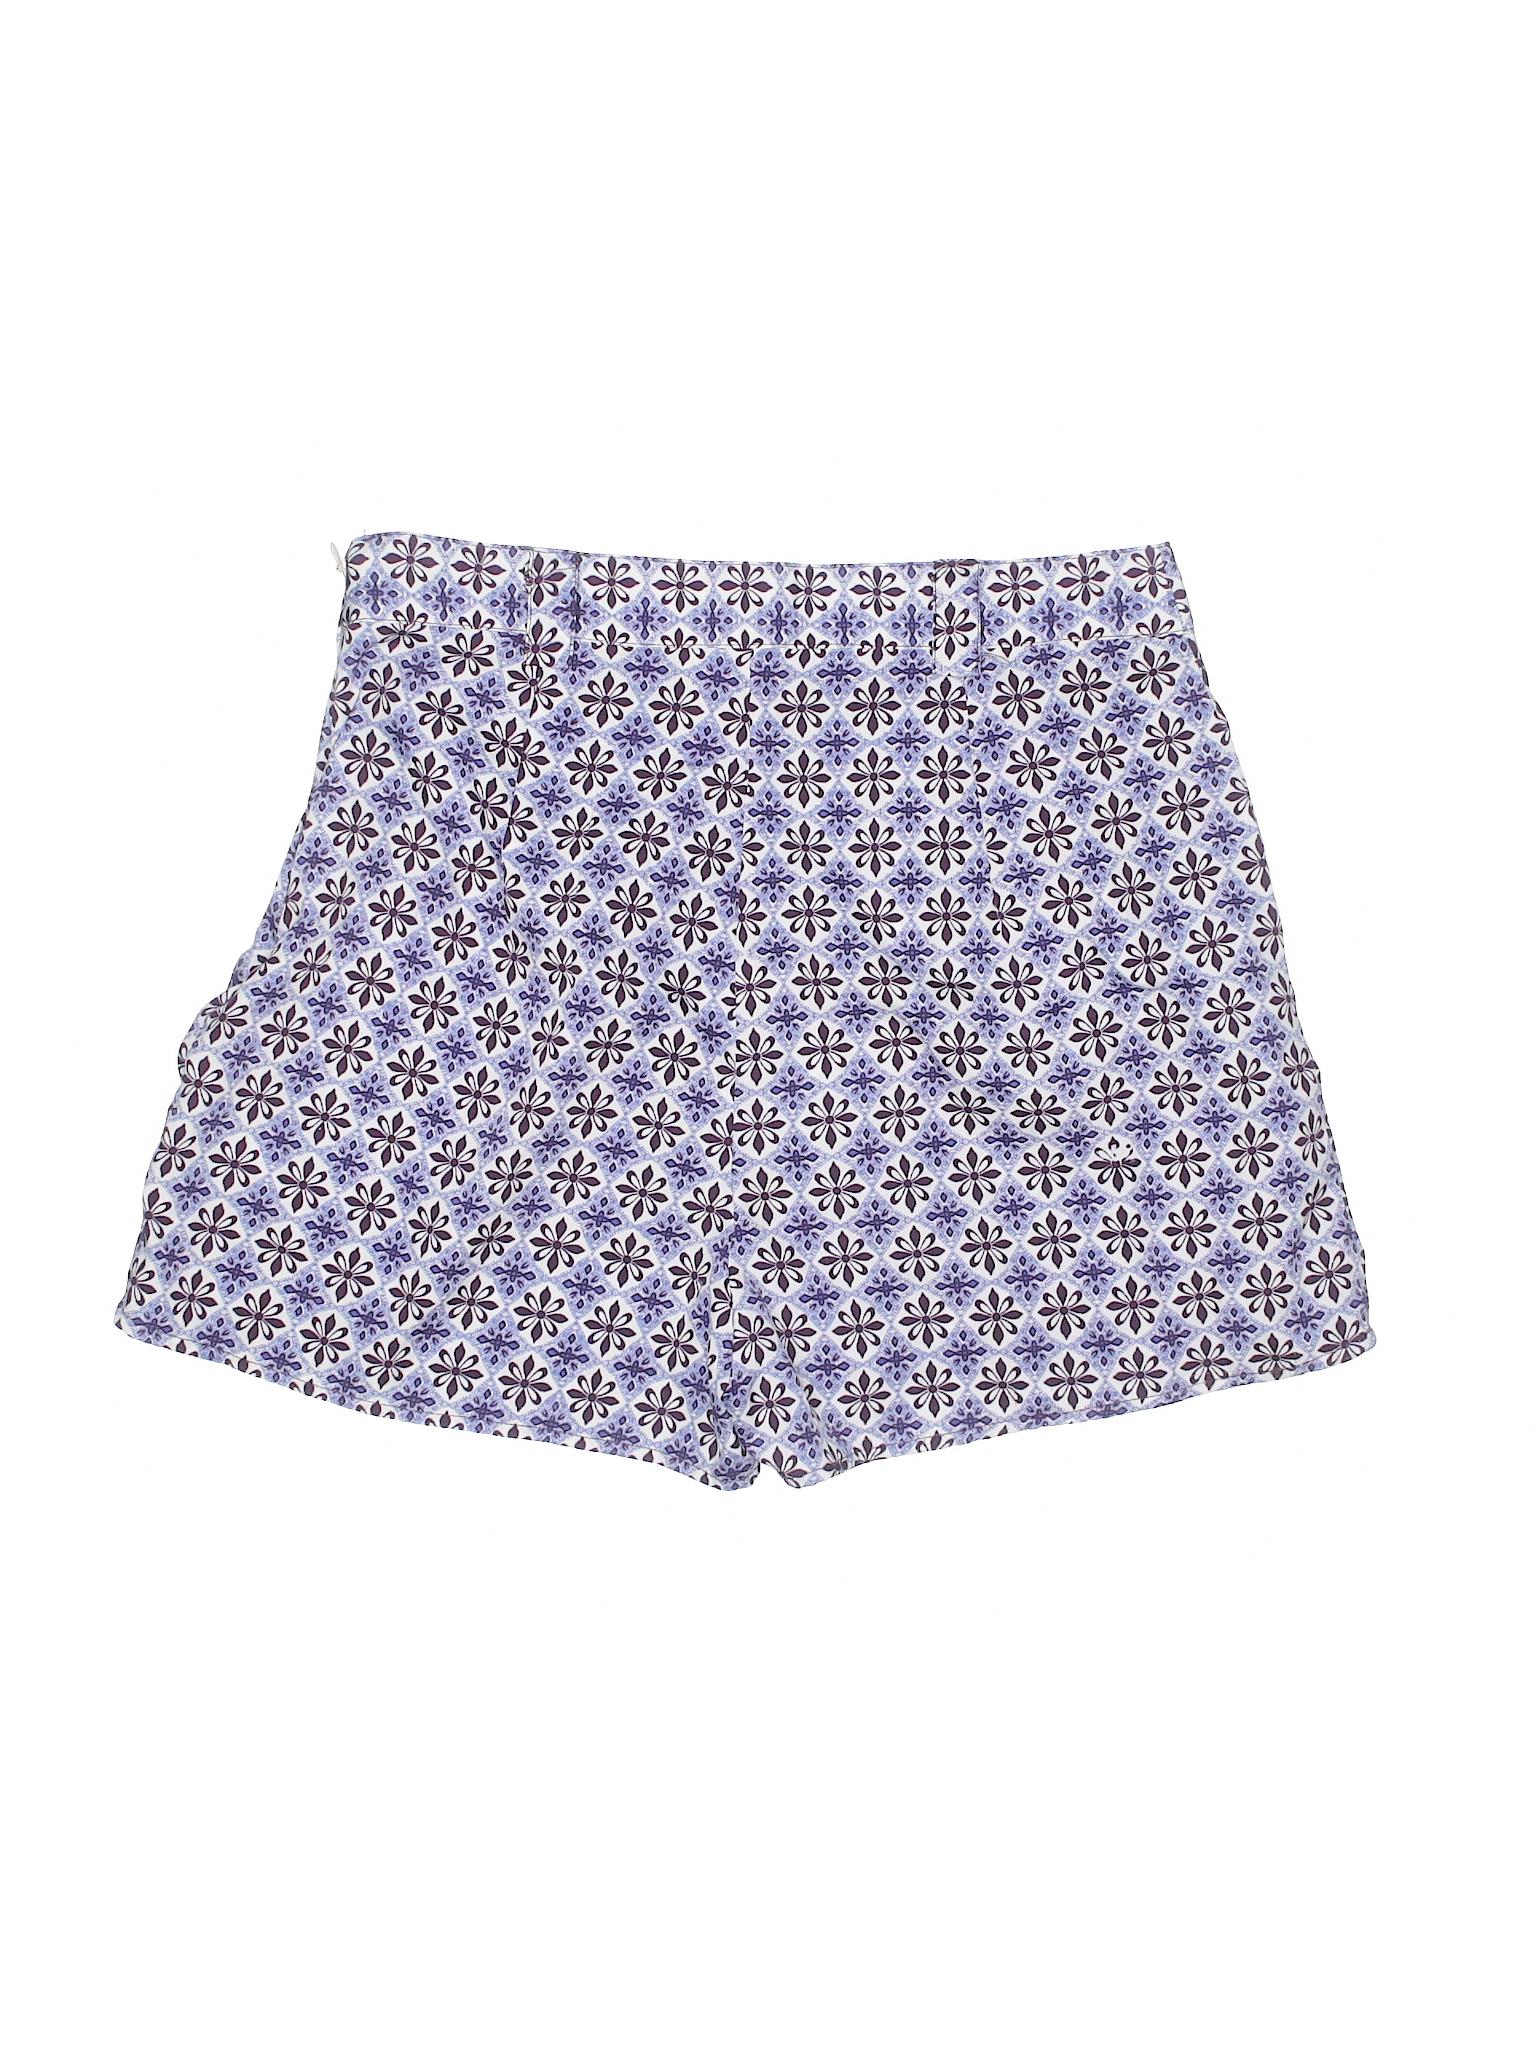 Boutique Boutique leisure Violet Shrinking Shrinking Shorts leisure Violet Shorts xqwZ6Zg